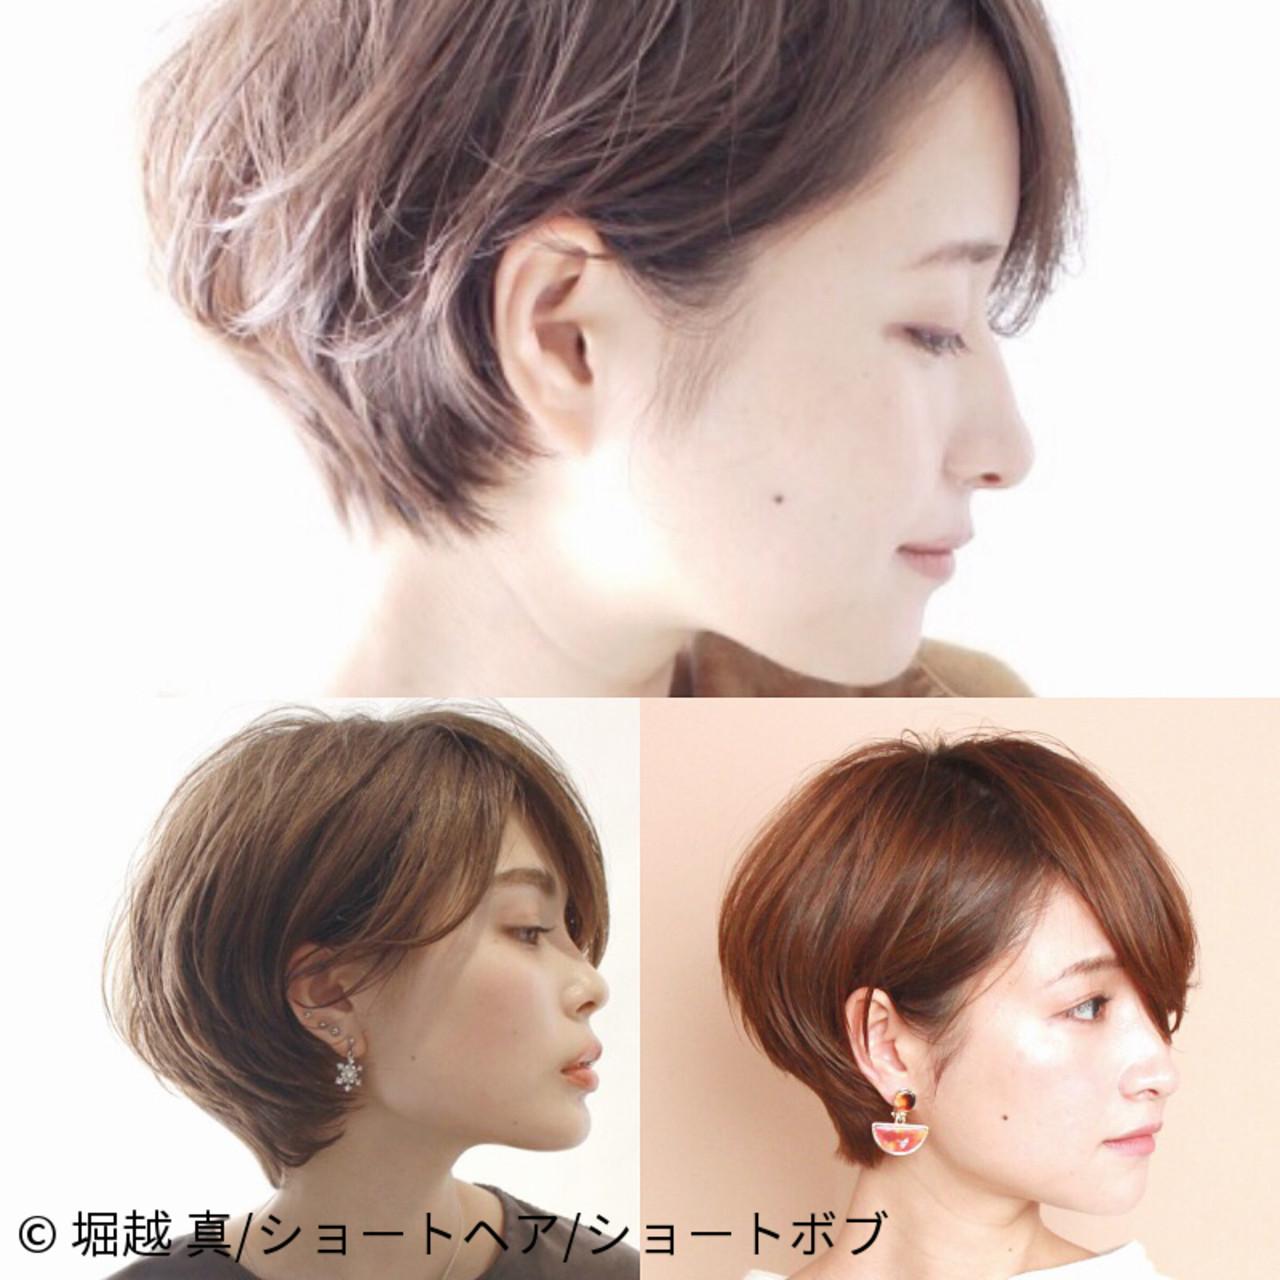 ショート マッシュショート ナチュラル ふんわりショート ヘアスタイルや髪型の写真・画像